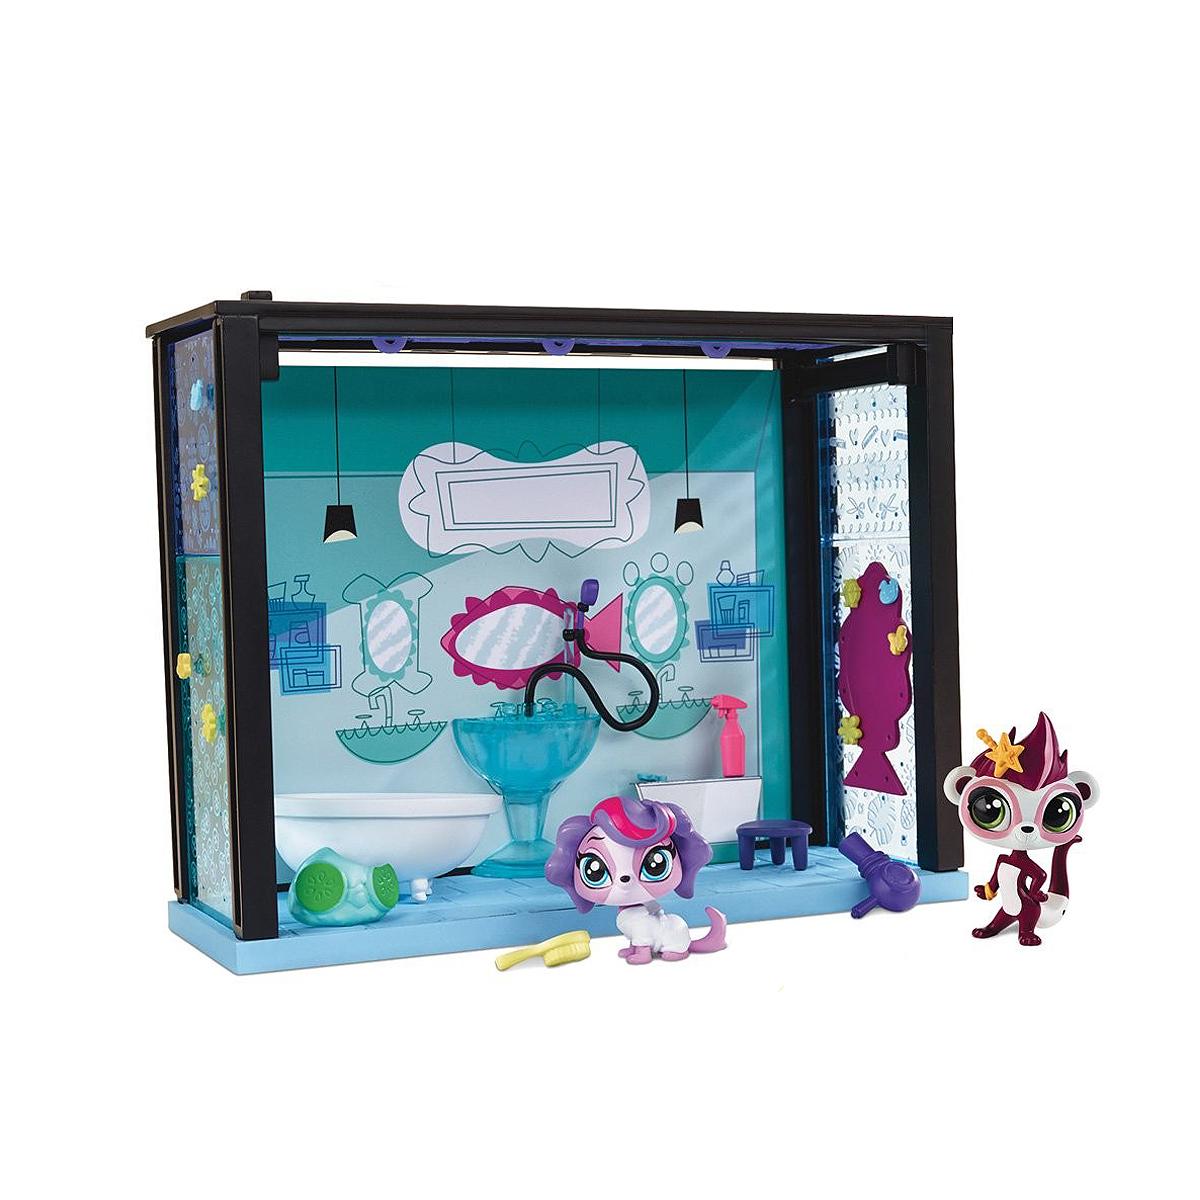 Littlest Pet Shop: Игровой мини-набор SpaA7641/F8542Игровой мини-набор Littlest Pet Shop Spa не оставит равнодушной вашу малышку! В этой прекрасной спа-комнате Зоя Трент приводит себя в порядок. Набор включает в себя элементы для сборки спа-комнаты, фигурку симпатичного зверька Зои Трент с большими глазками и подвижной головкой, а также аксессуары для игры. Играя с этим набором, ваша малышка прекрасно проведет время. Порадуйте ее таким замечательным подарком! В комплект входит одна фигурка.